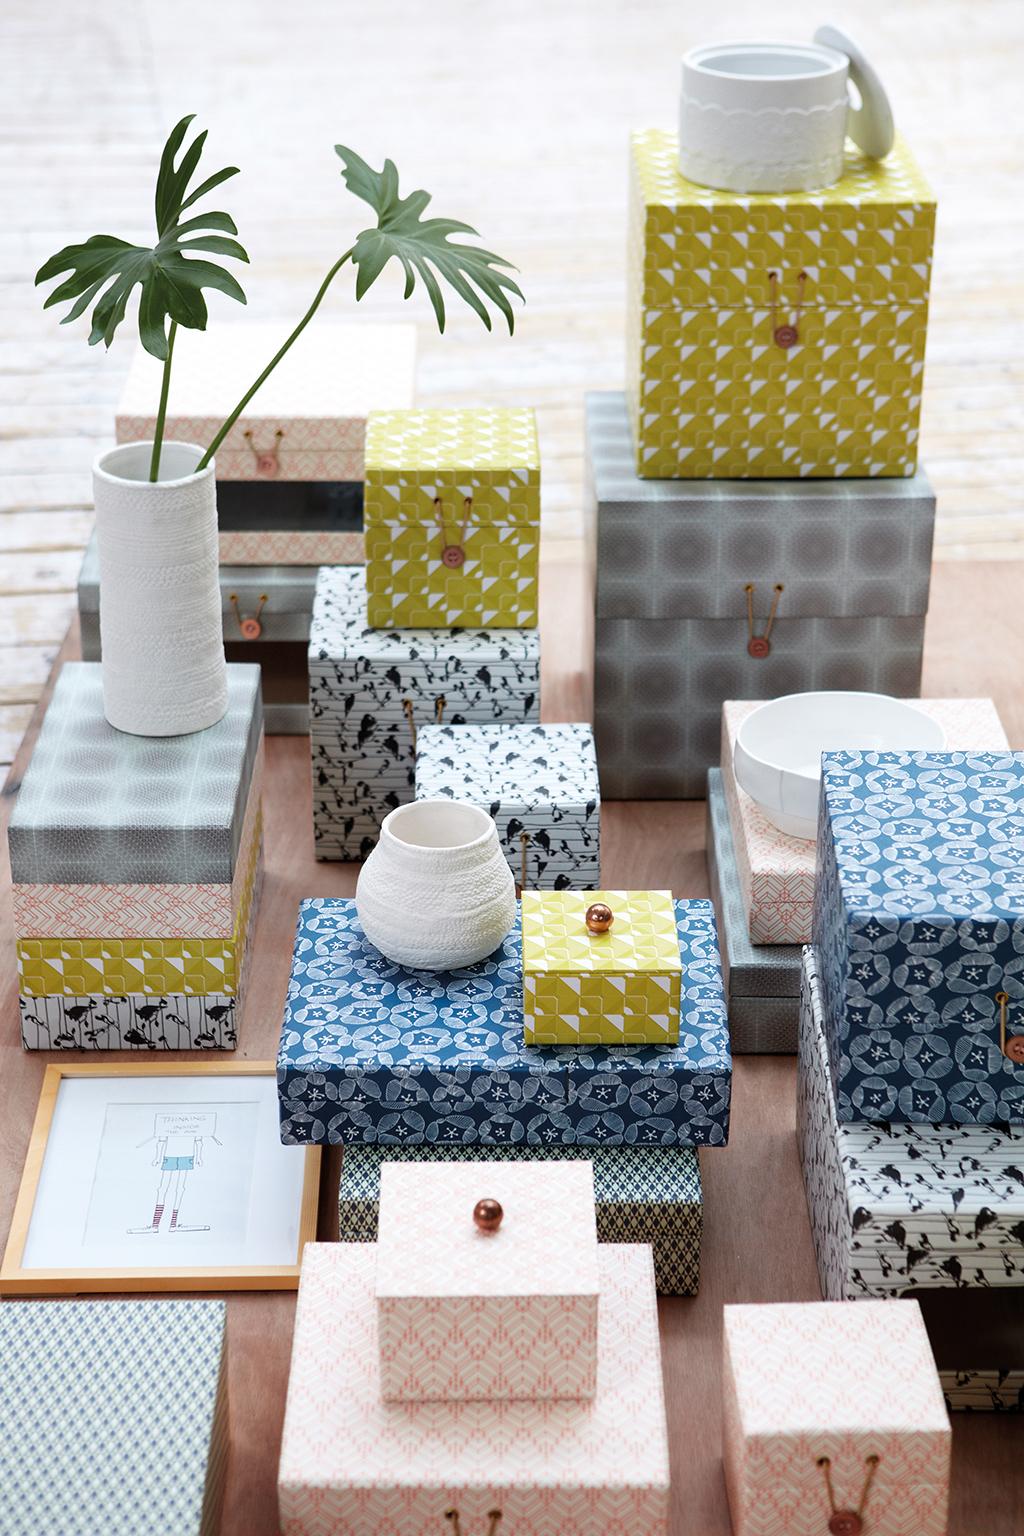 Dodatki dekoracyjne inspirowane stylem skandynawskim north south home blog Dr house sklep